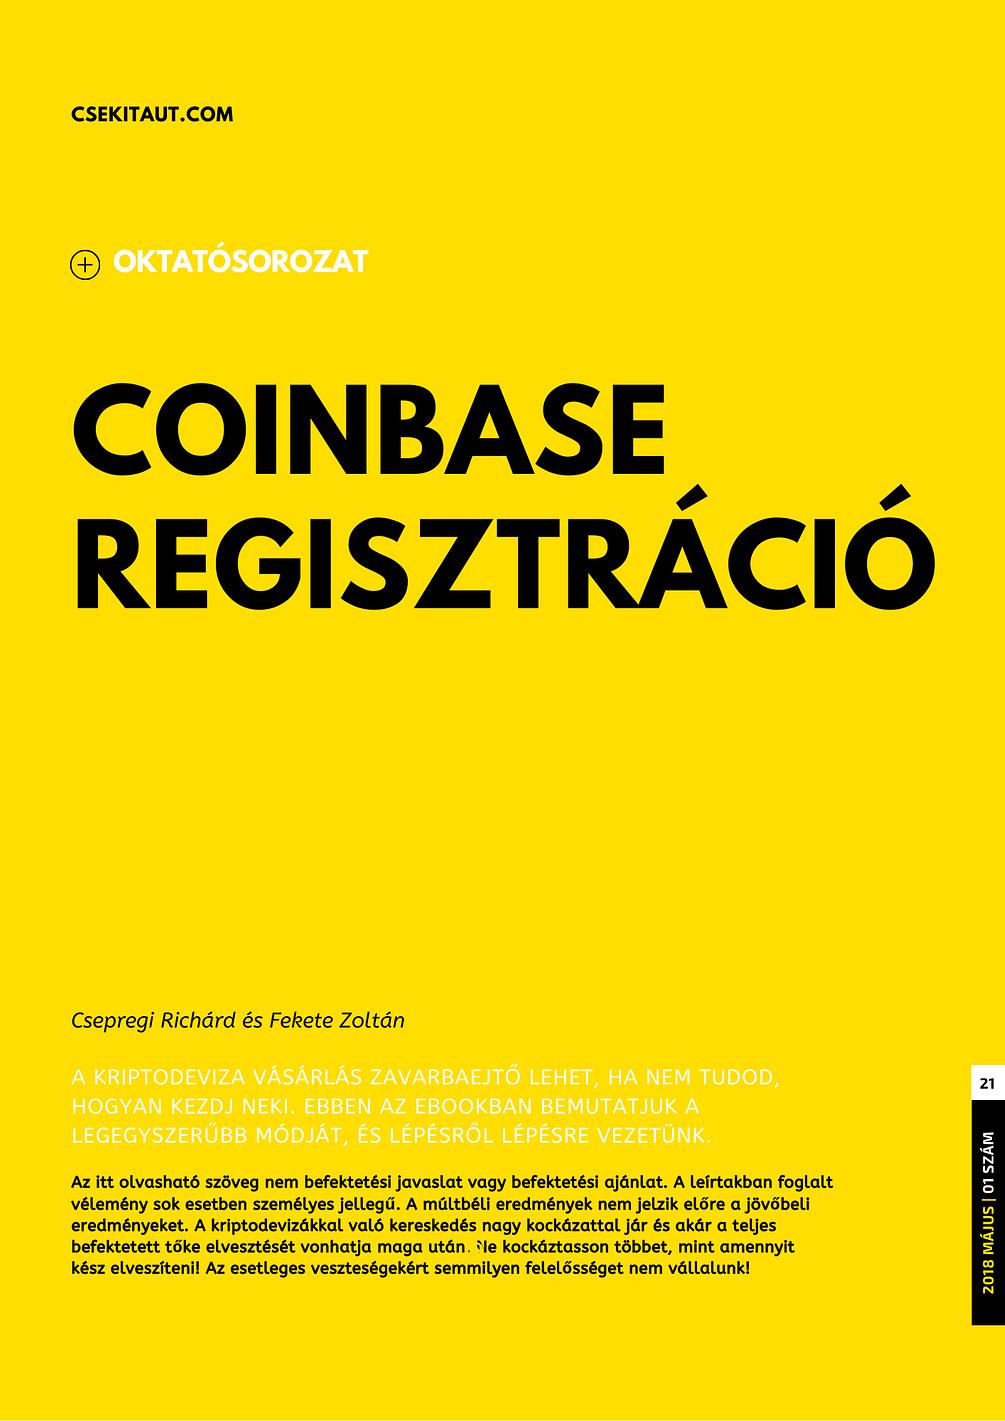 hogyan fogadjuk el a kisvállalkozások bitcoinját